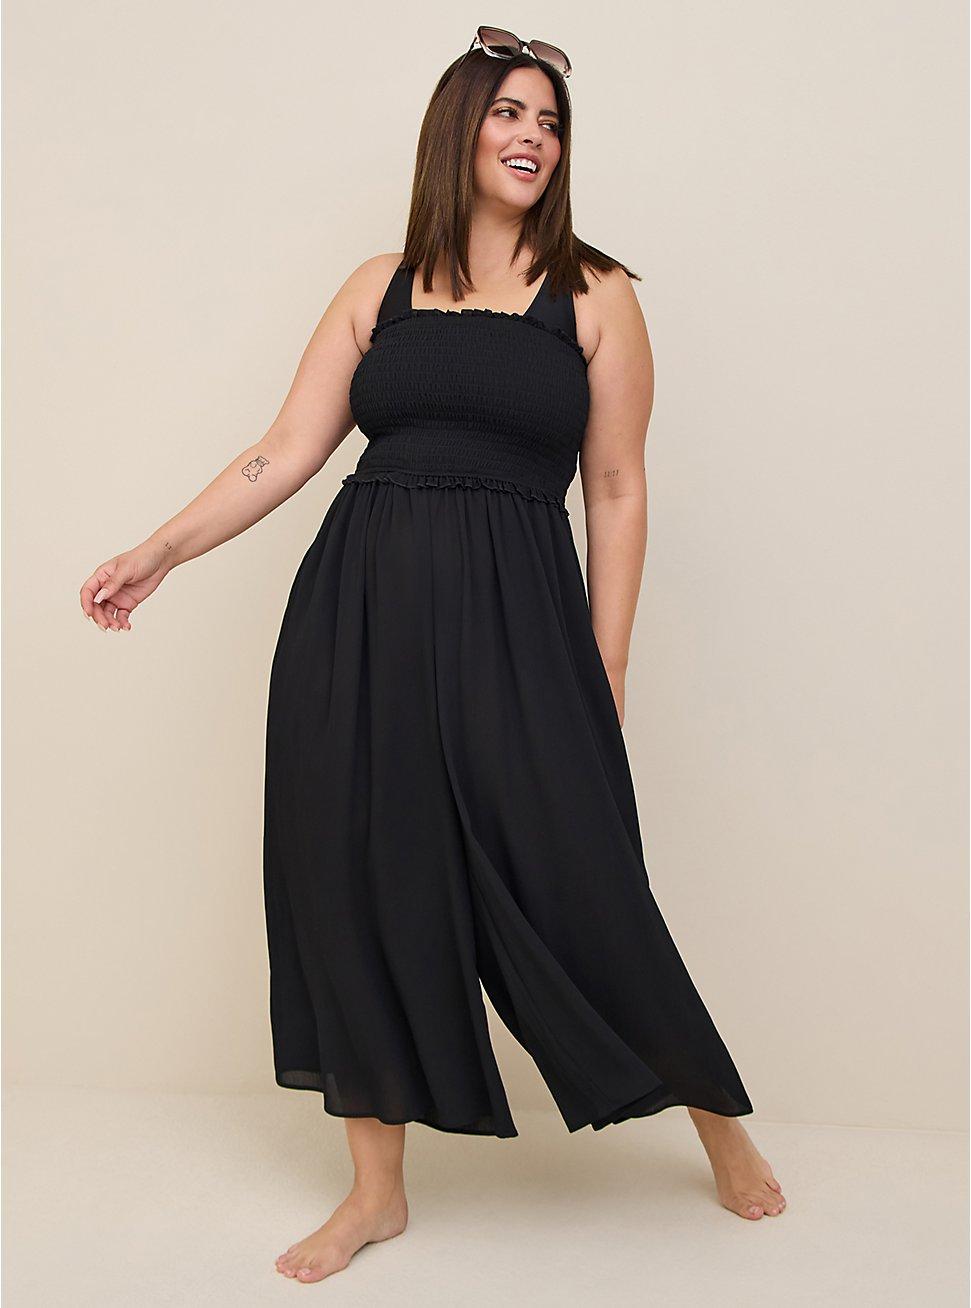 Black Crinkled Crepe Strapless Culotte Jumpsuit Swim Cover-Up, DEEP BLACK, hi-res